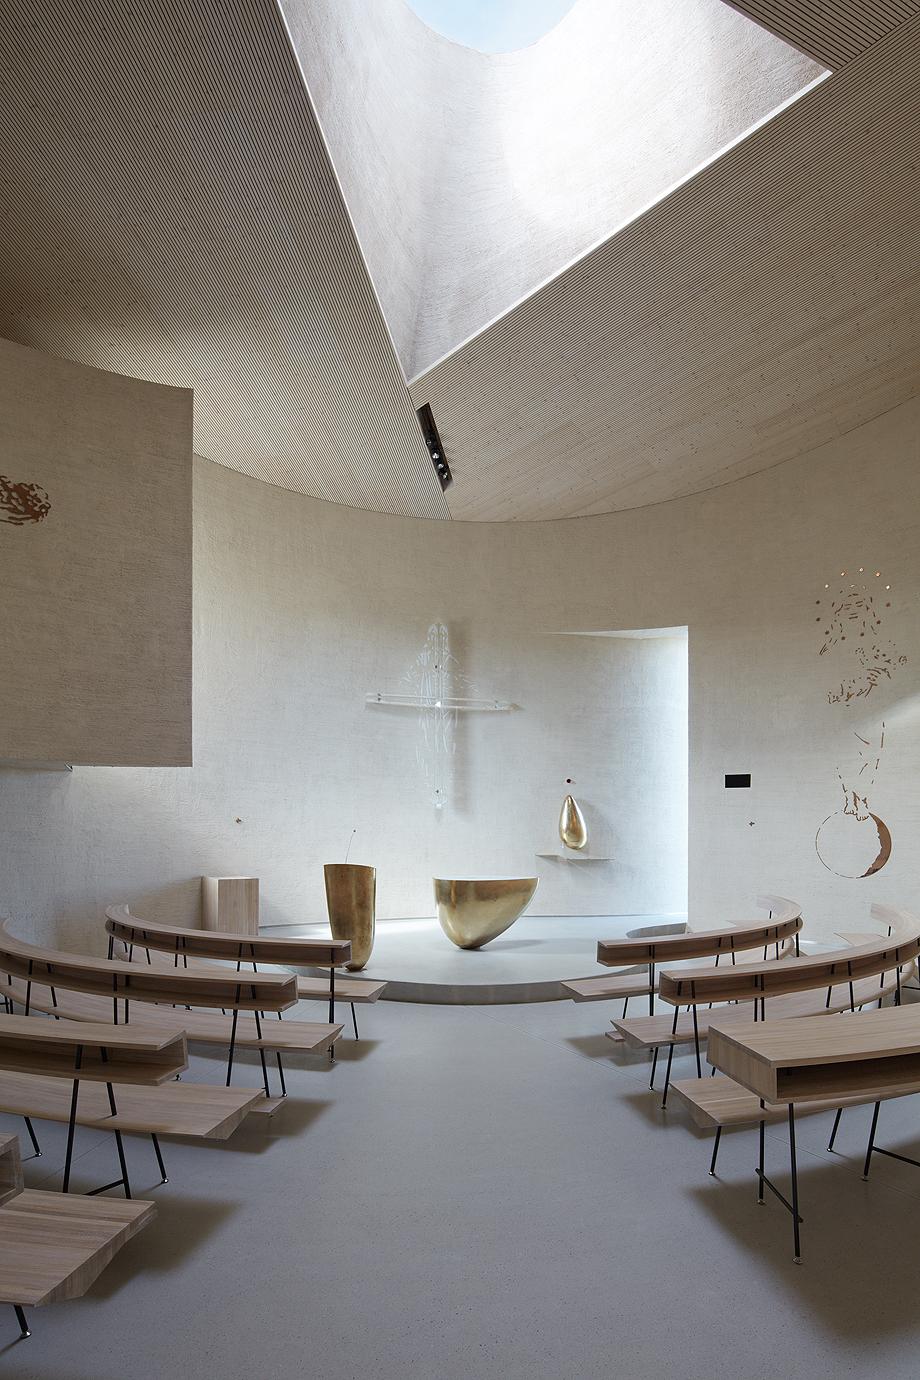 iglesia de san venceslao de atelier stepan (9)